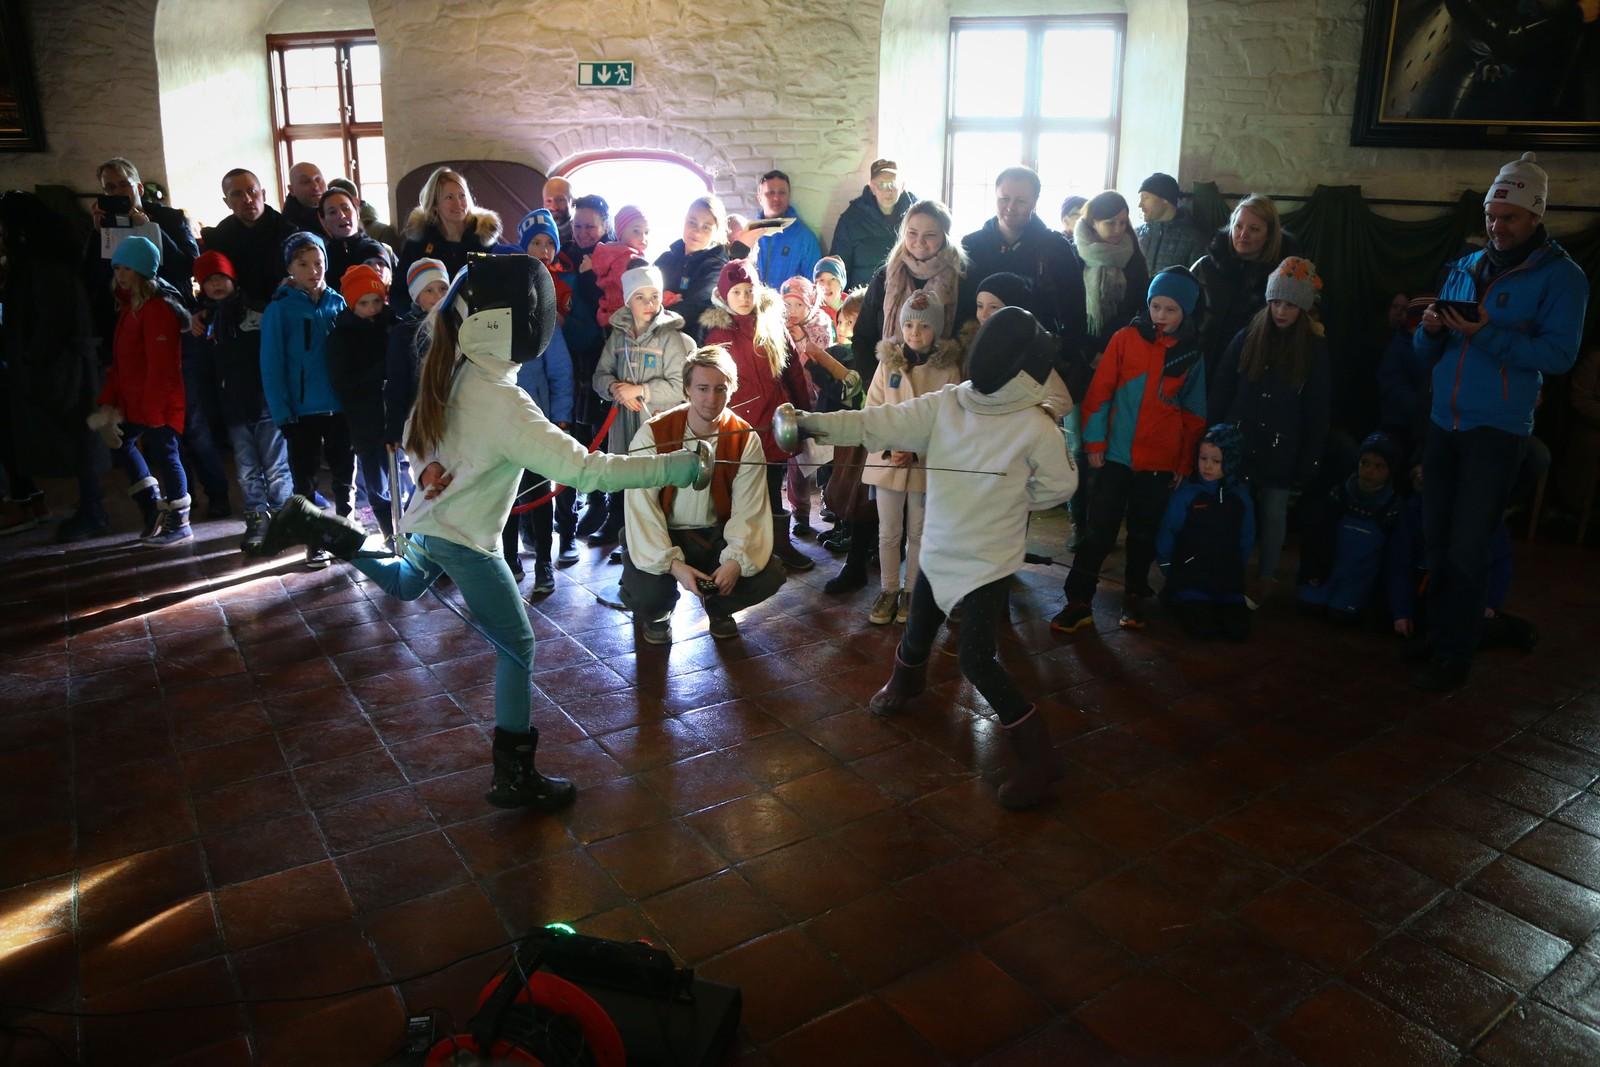 Lørdag 11. mars var det duket for det niende Anno-lørdagen i regi av Nidaros Domkirkes Restaureringsarbeider (NDS) i forbindelse med TV-serien Anno som har gått på NRK. Rundt 1500 besøkende tok turen for å oppleve Erkebispegården anno 1537, der de fikk møte steinhuggere, murere, snekkere, gipsmakere, blyglasshåndverkere og smeder. Og smake på matretter som var vanlige på 1500-tallet!